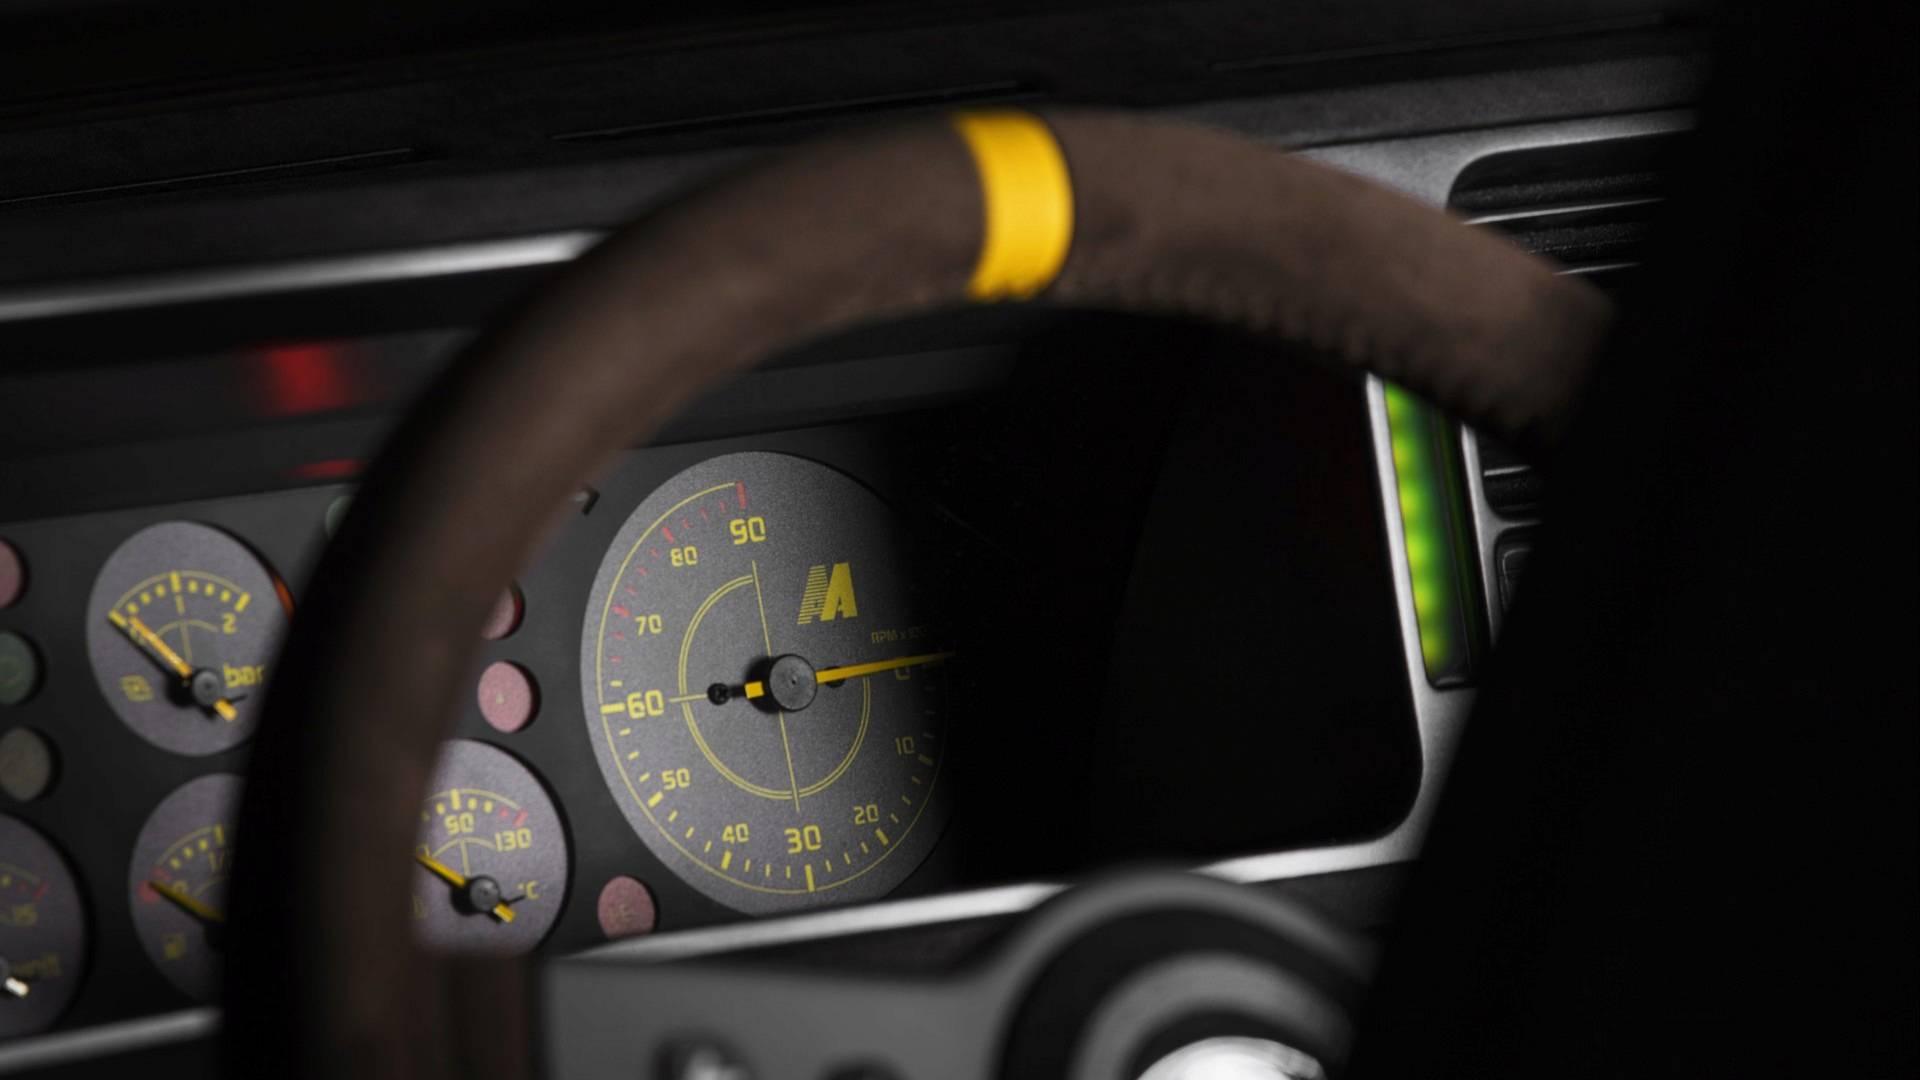 lancia-delta-futurista-2 Lancia Delta Futurista: il ritorno del Deltone come lo volevamo tutti - FOTO